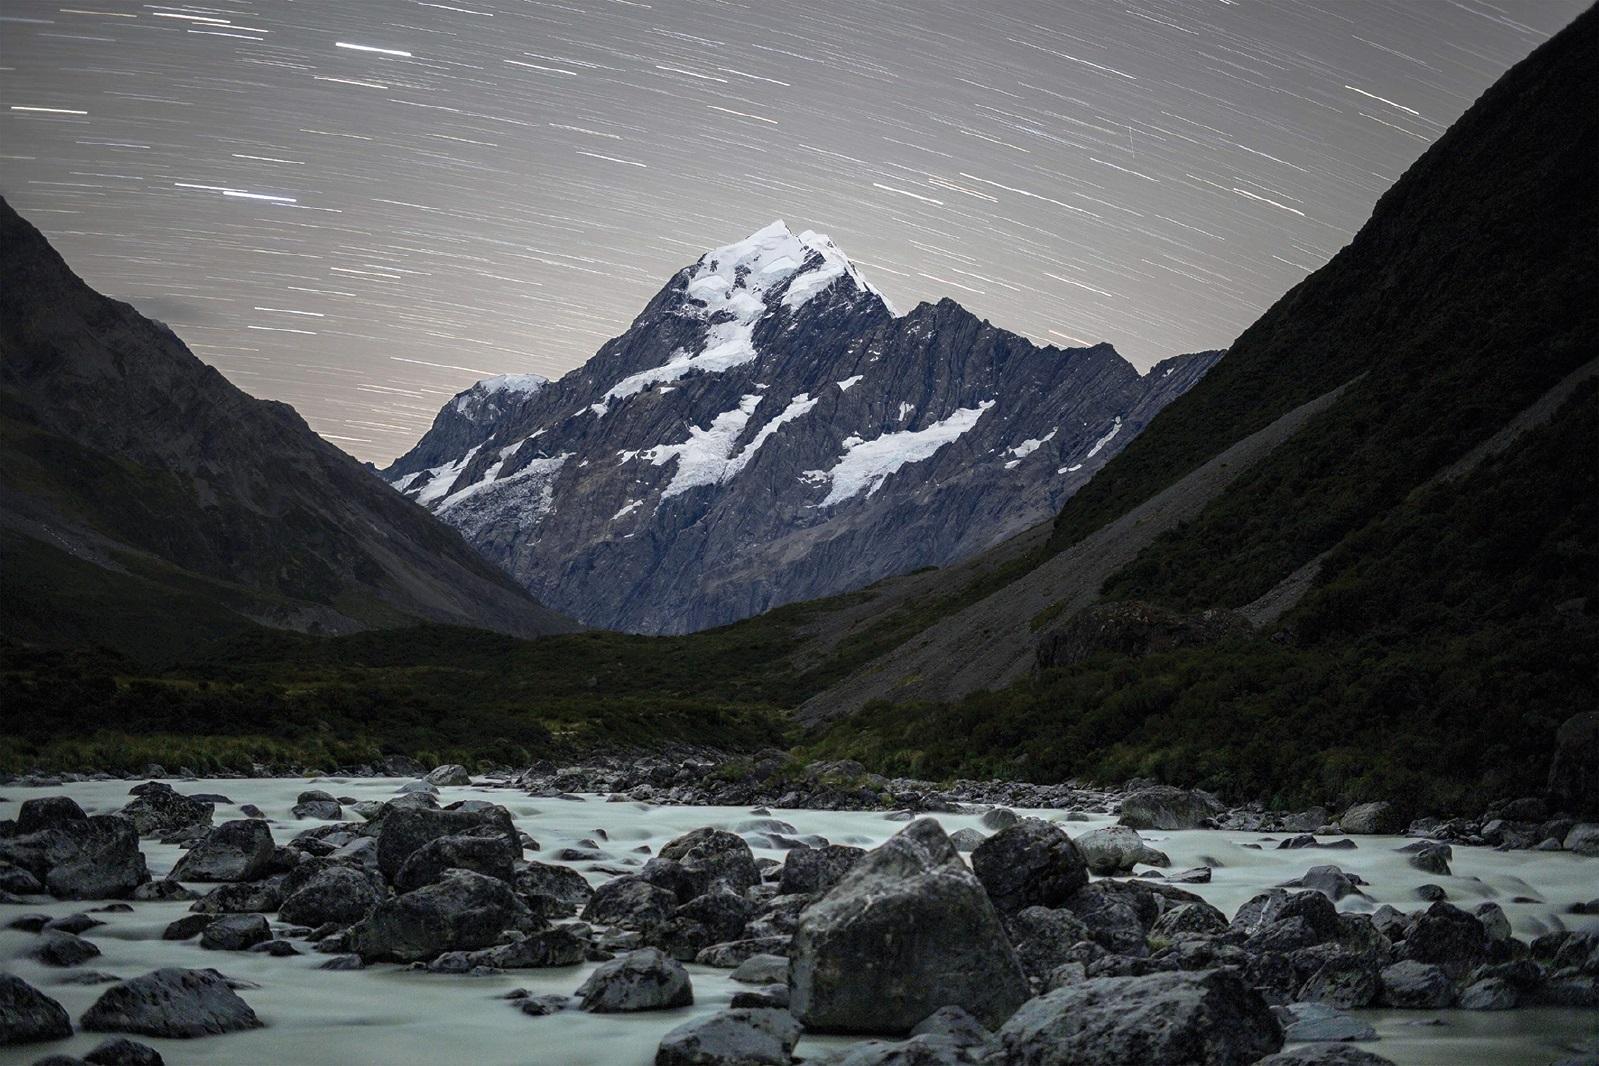 Planine v sliki - Bild | Slika